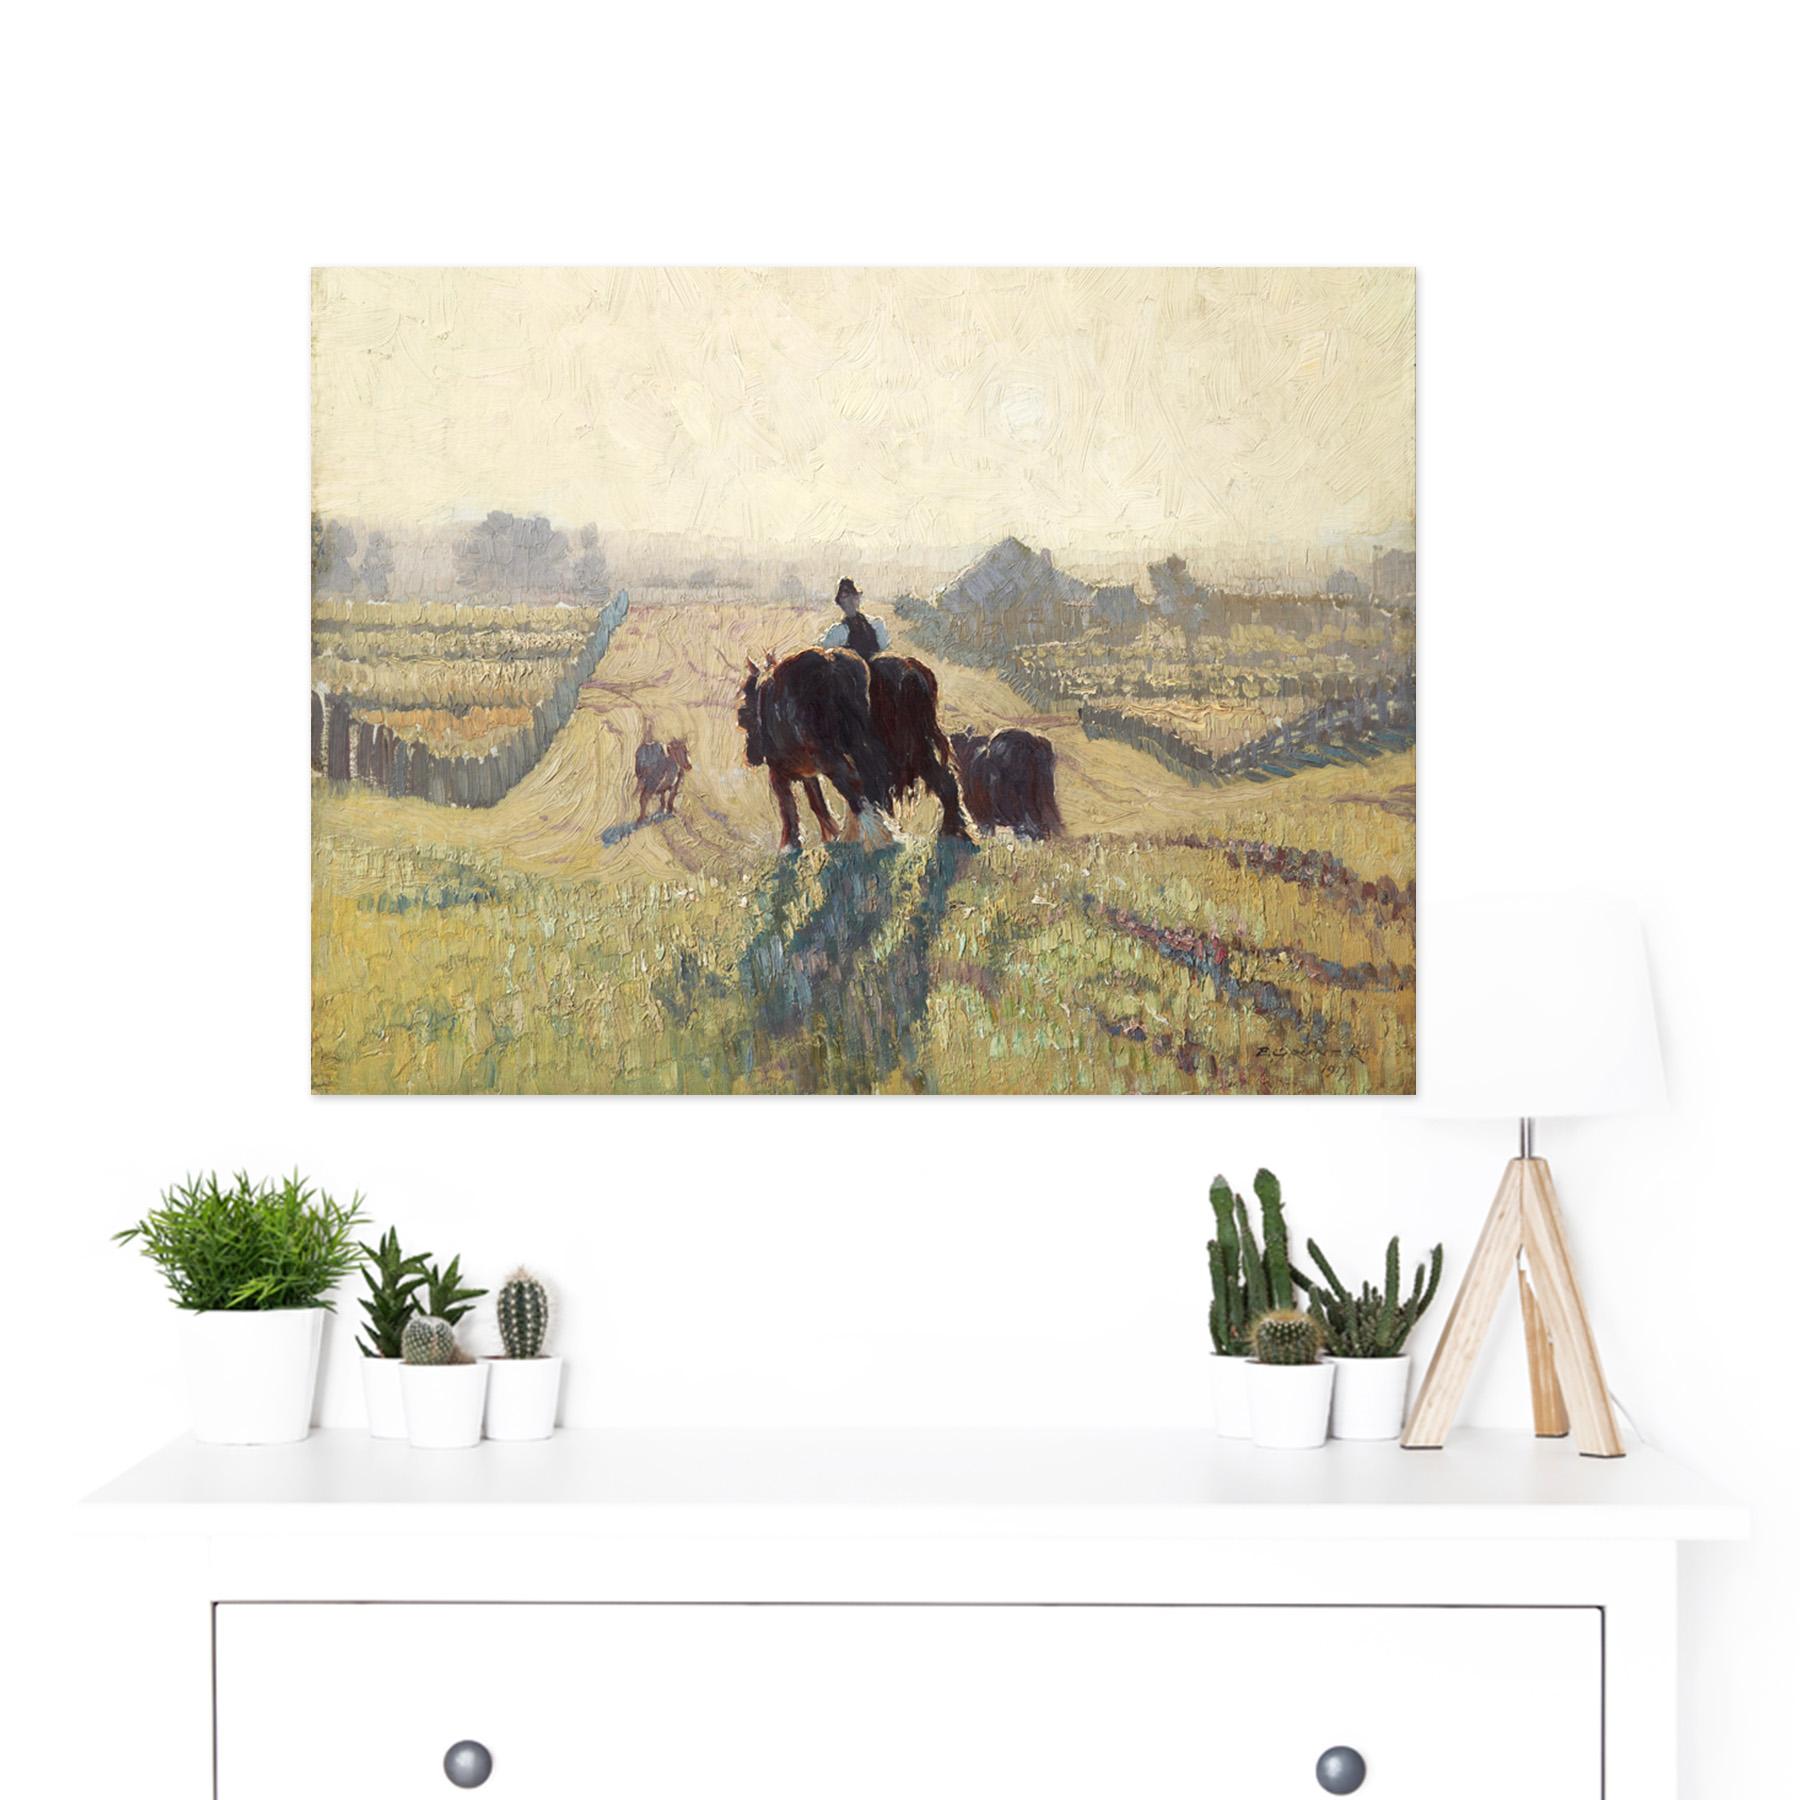 Elioth-Gruner-Frosty-Sunrise-Painting-Large-Framed-Art-Print thumbnail 3